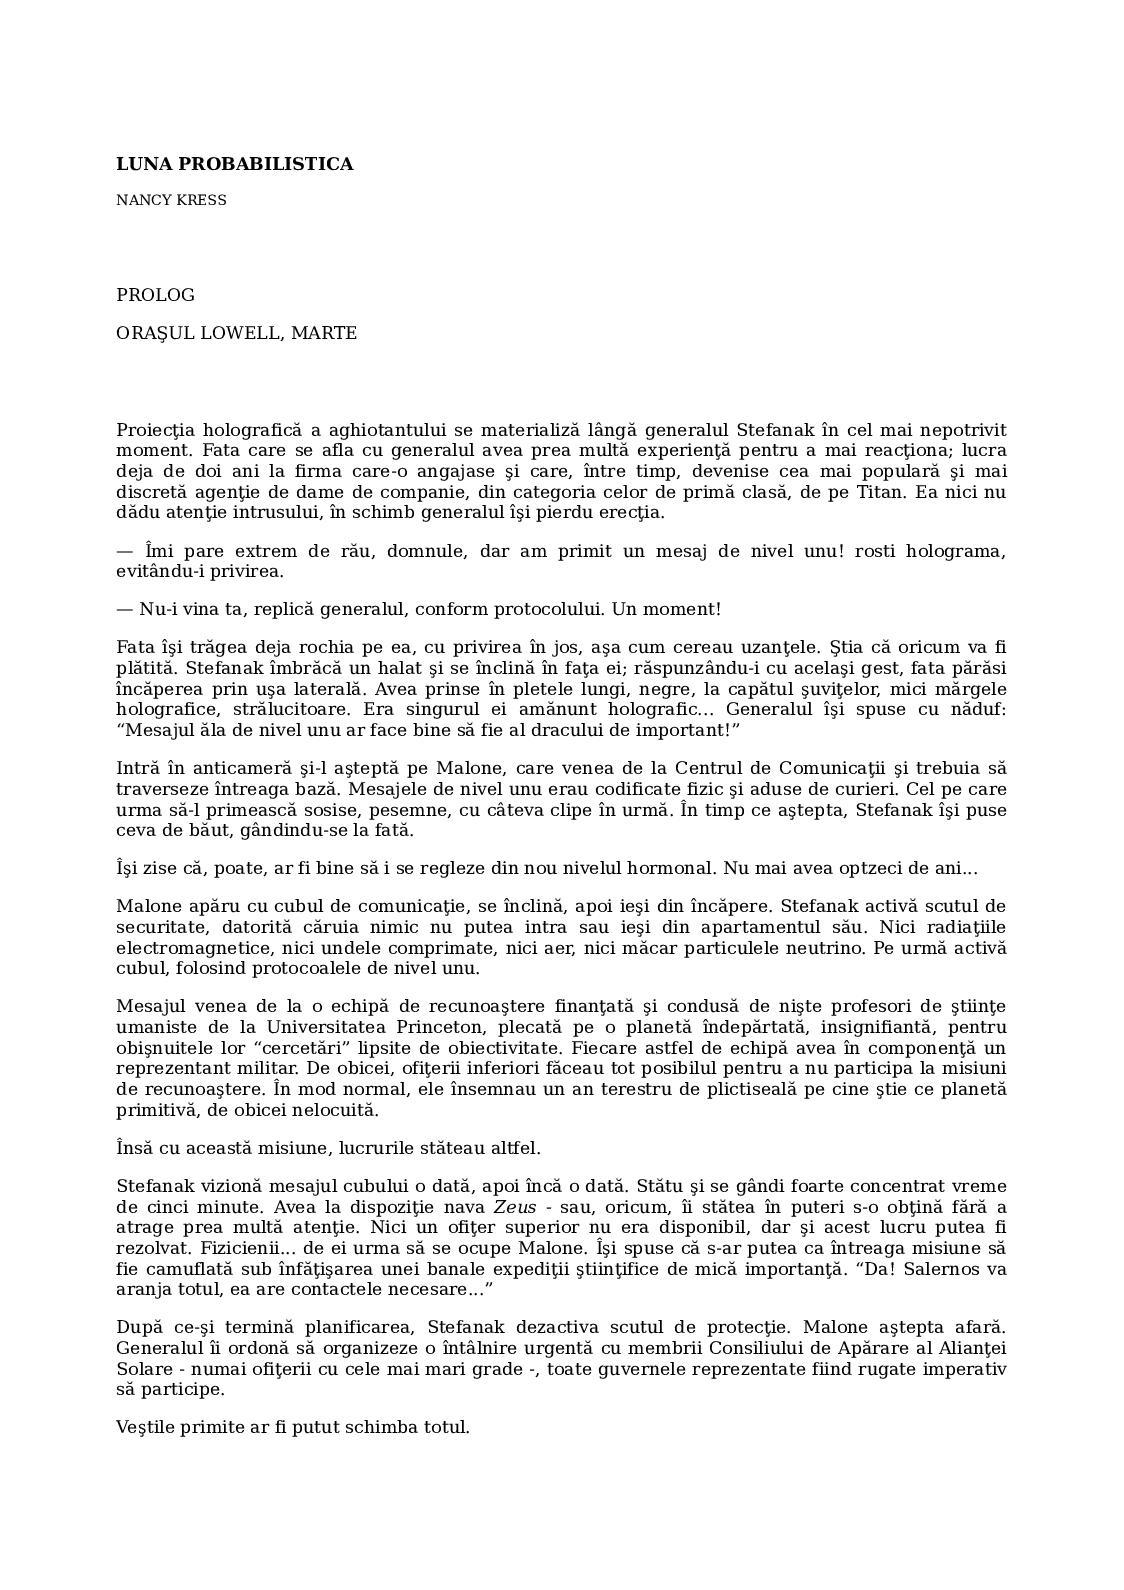 (PDF) Studiul China Cel mai complet studiu asupra nutritiei | Ionescu Cristian - sudstil.ro